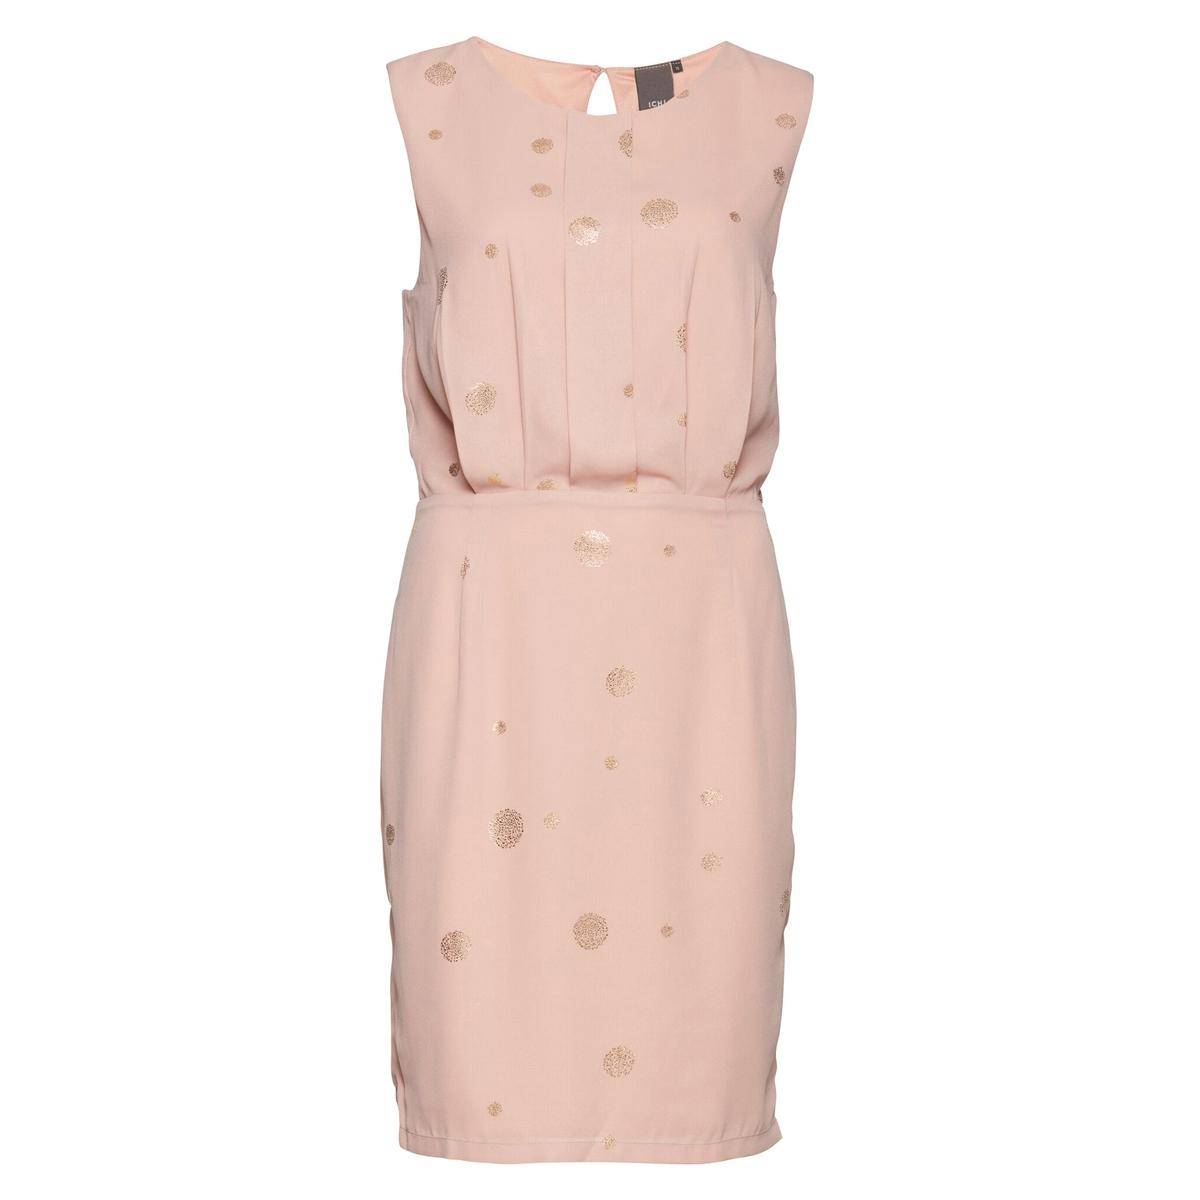 Платье плиссированное в горошек PLANETСостав и описаниеМарка: ICHI.Модель: PLANET.Материал: 100% полиэстер.<br><br>Цвет: розовый<br>Размер: 40 (FR) - 46 (RUS).38 (FR) - 44 (RUS)